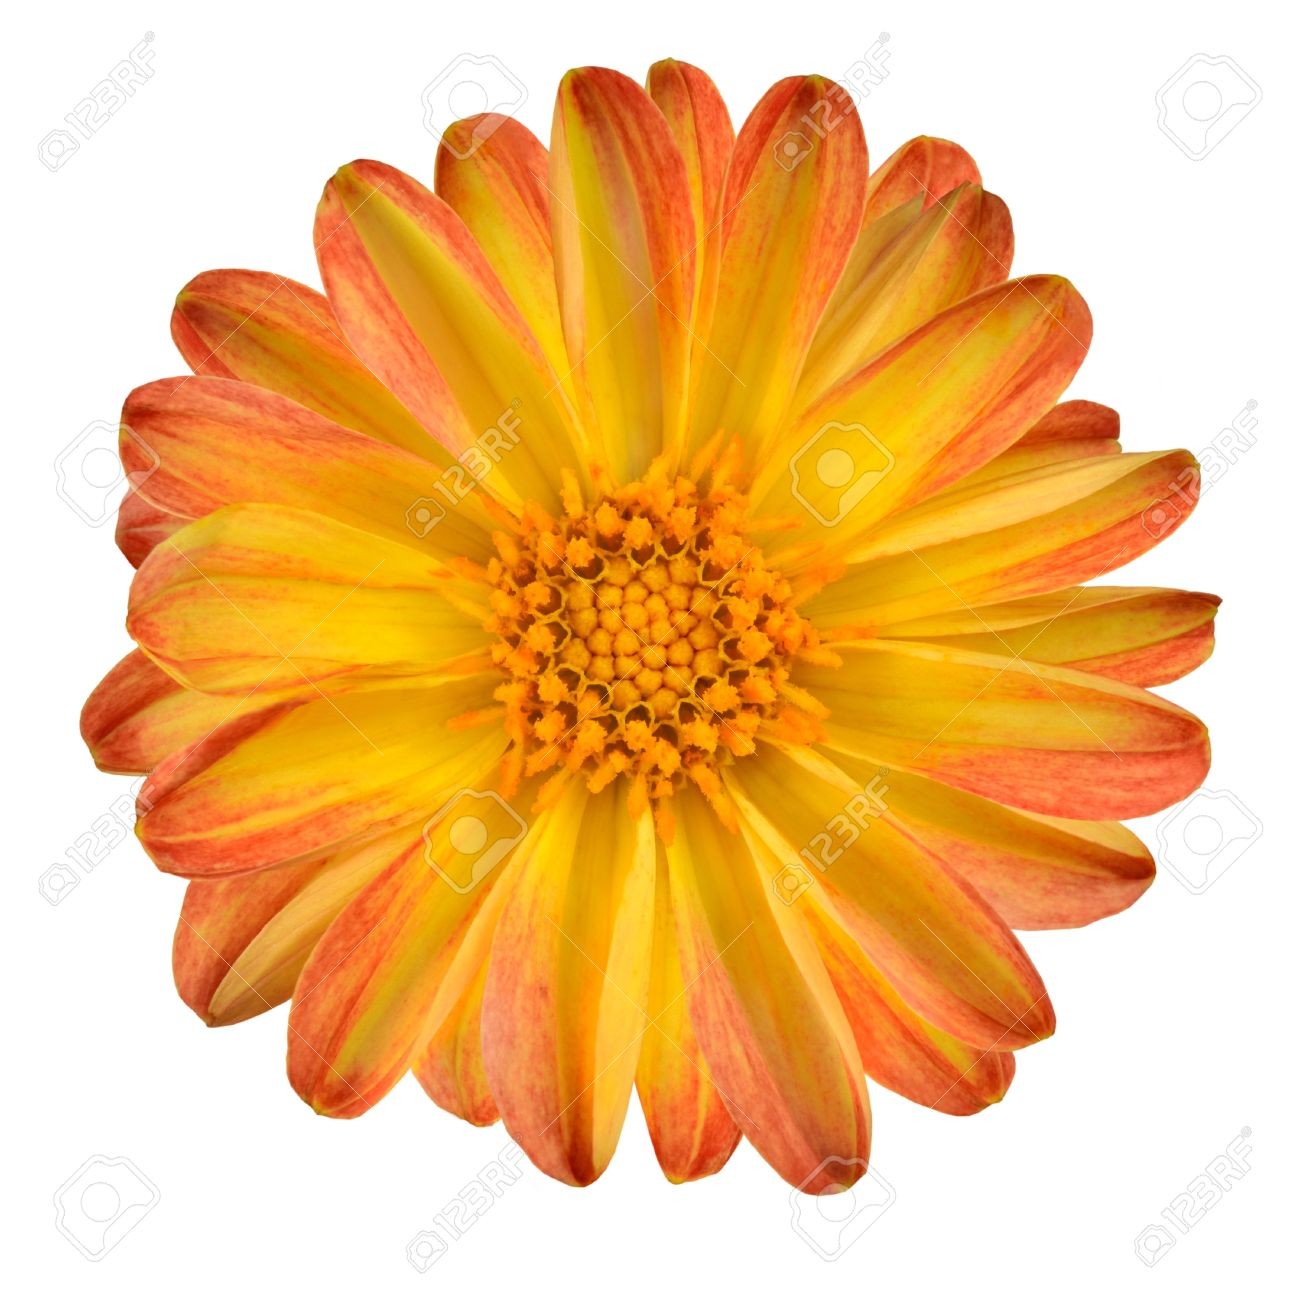 dahlia fleur avec orange pétales jaune isolé sur fond blanc banque